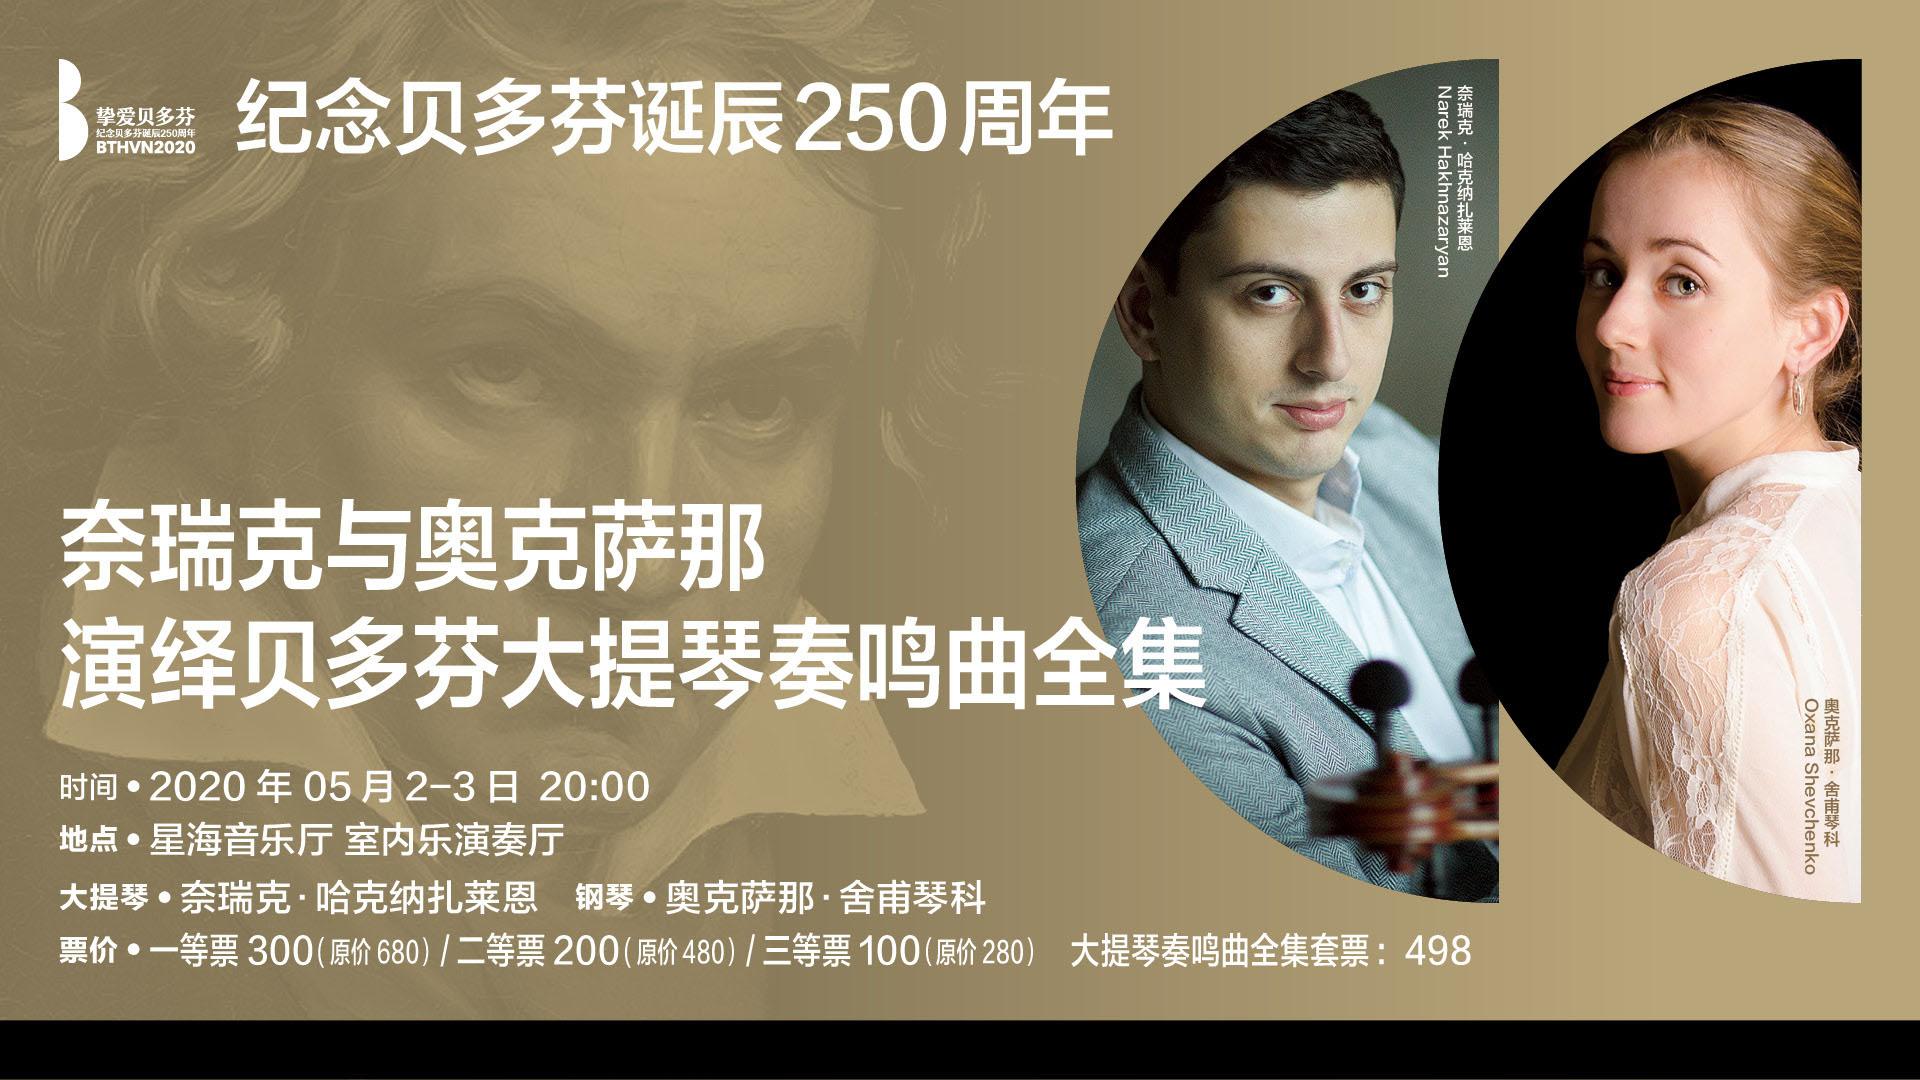 纪念贝多芬诞辰 250 周年——奈瑞克与奥克萨那演绎贝多芬大提琴奏鸣曲全集